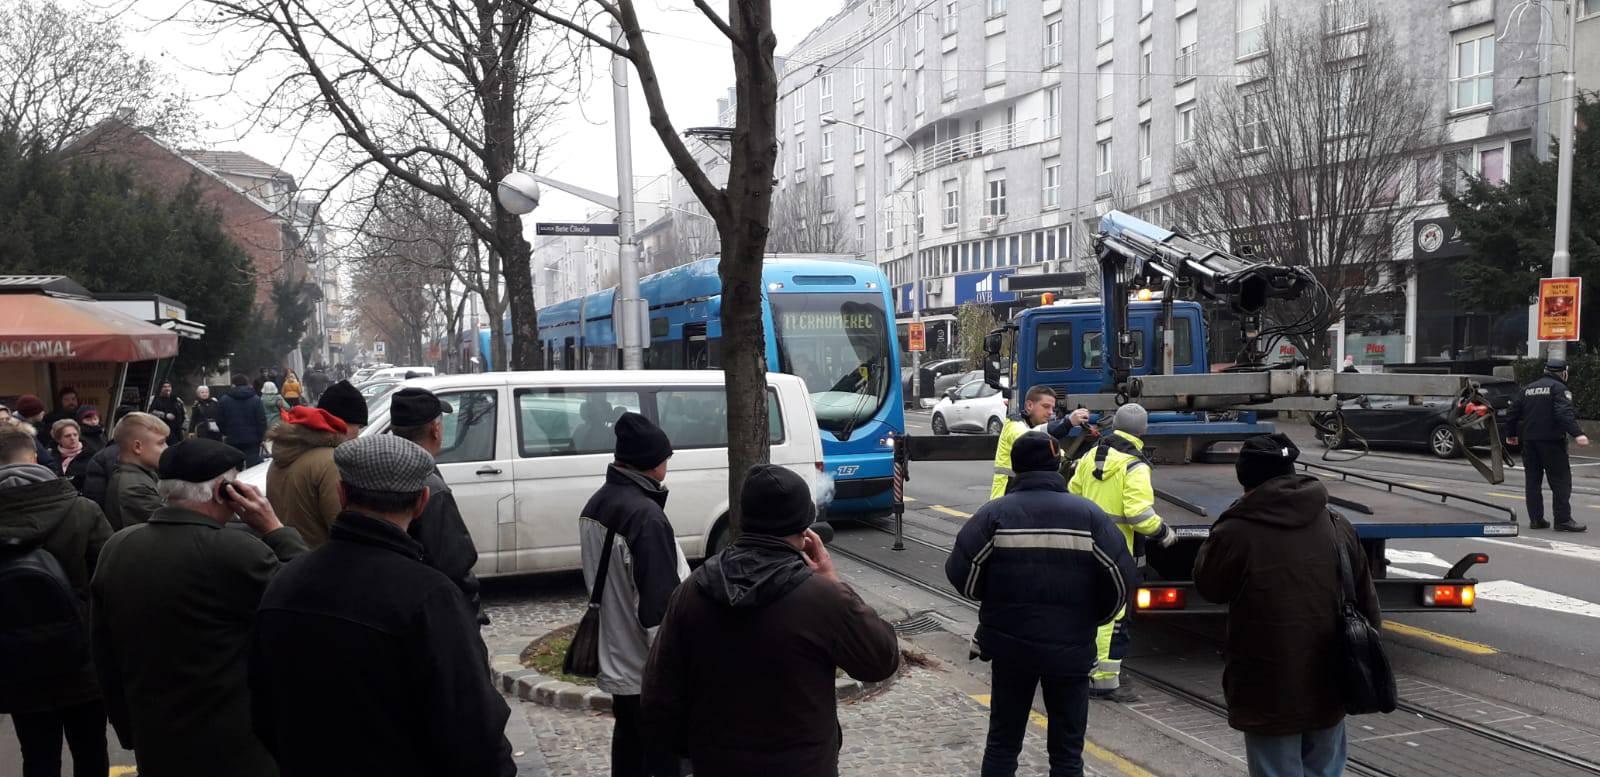 Bezobrazni vozač parkirao kod pruge, tramvaji ostali blokirani